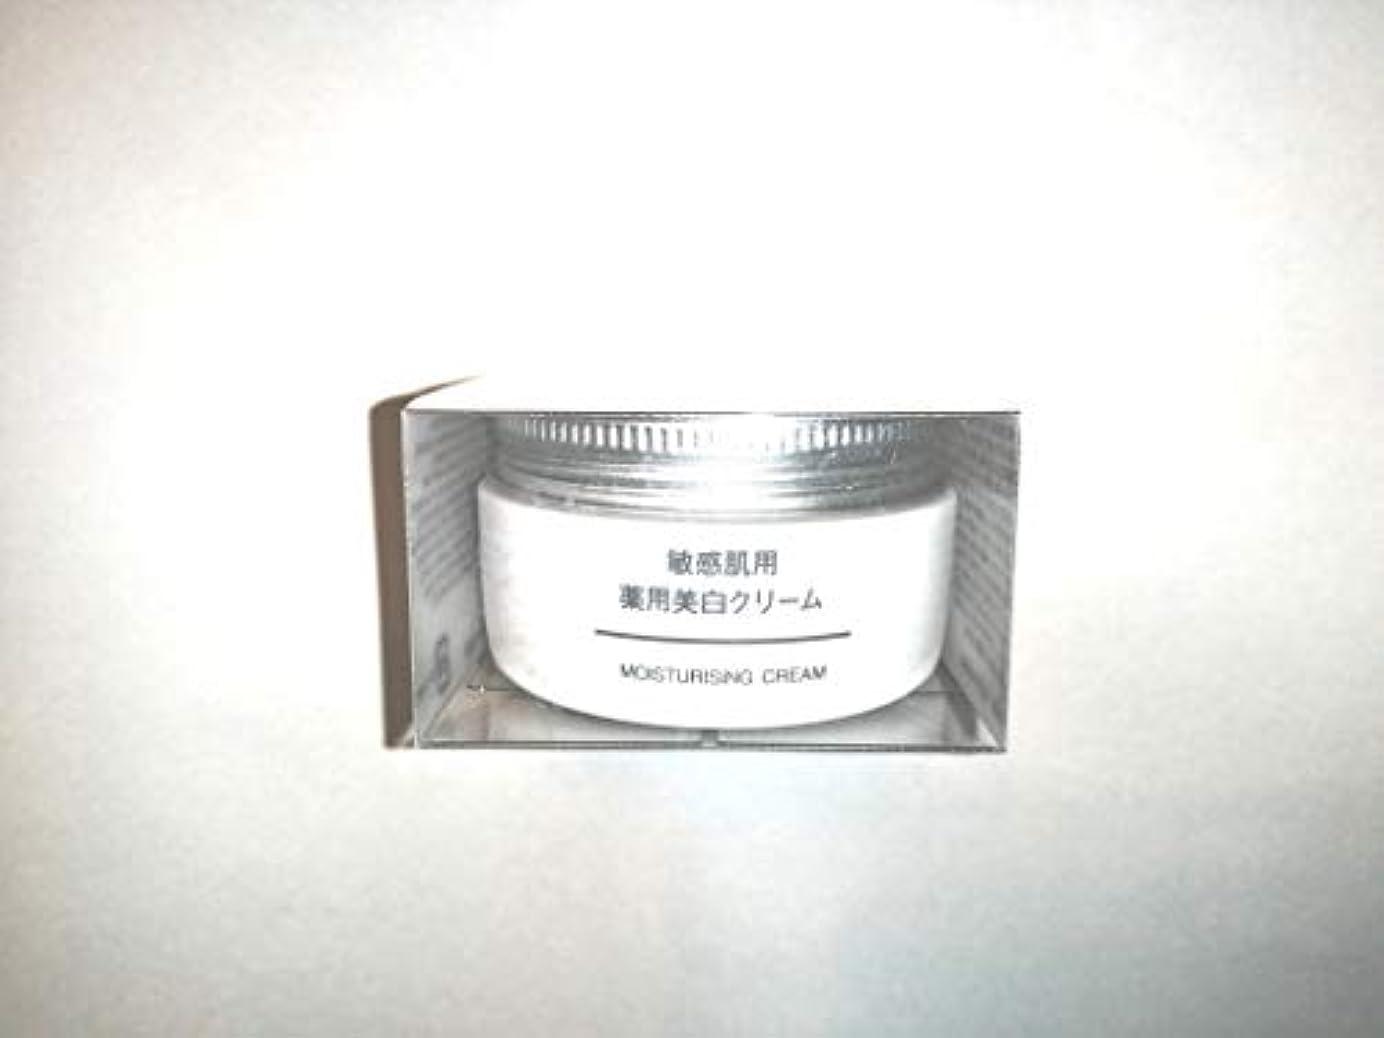 技術者争い人生を作る無印良品 敏感肌用薬用美白クリーム (新)45g